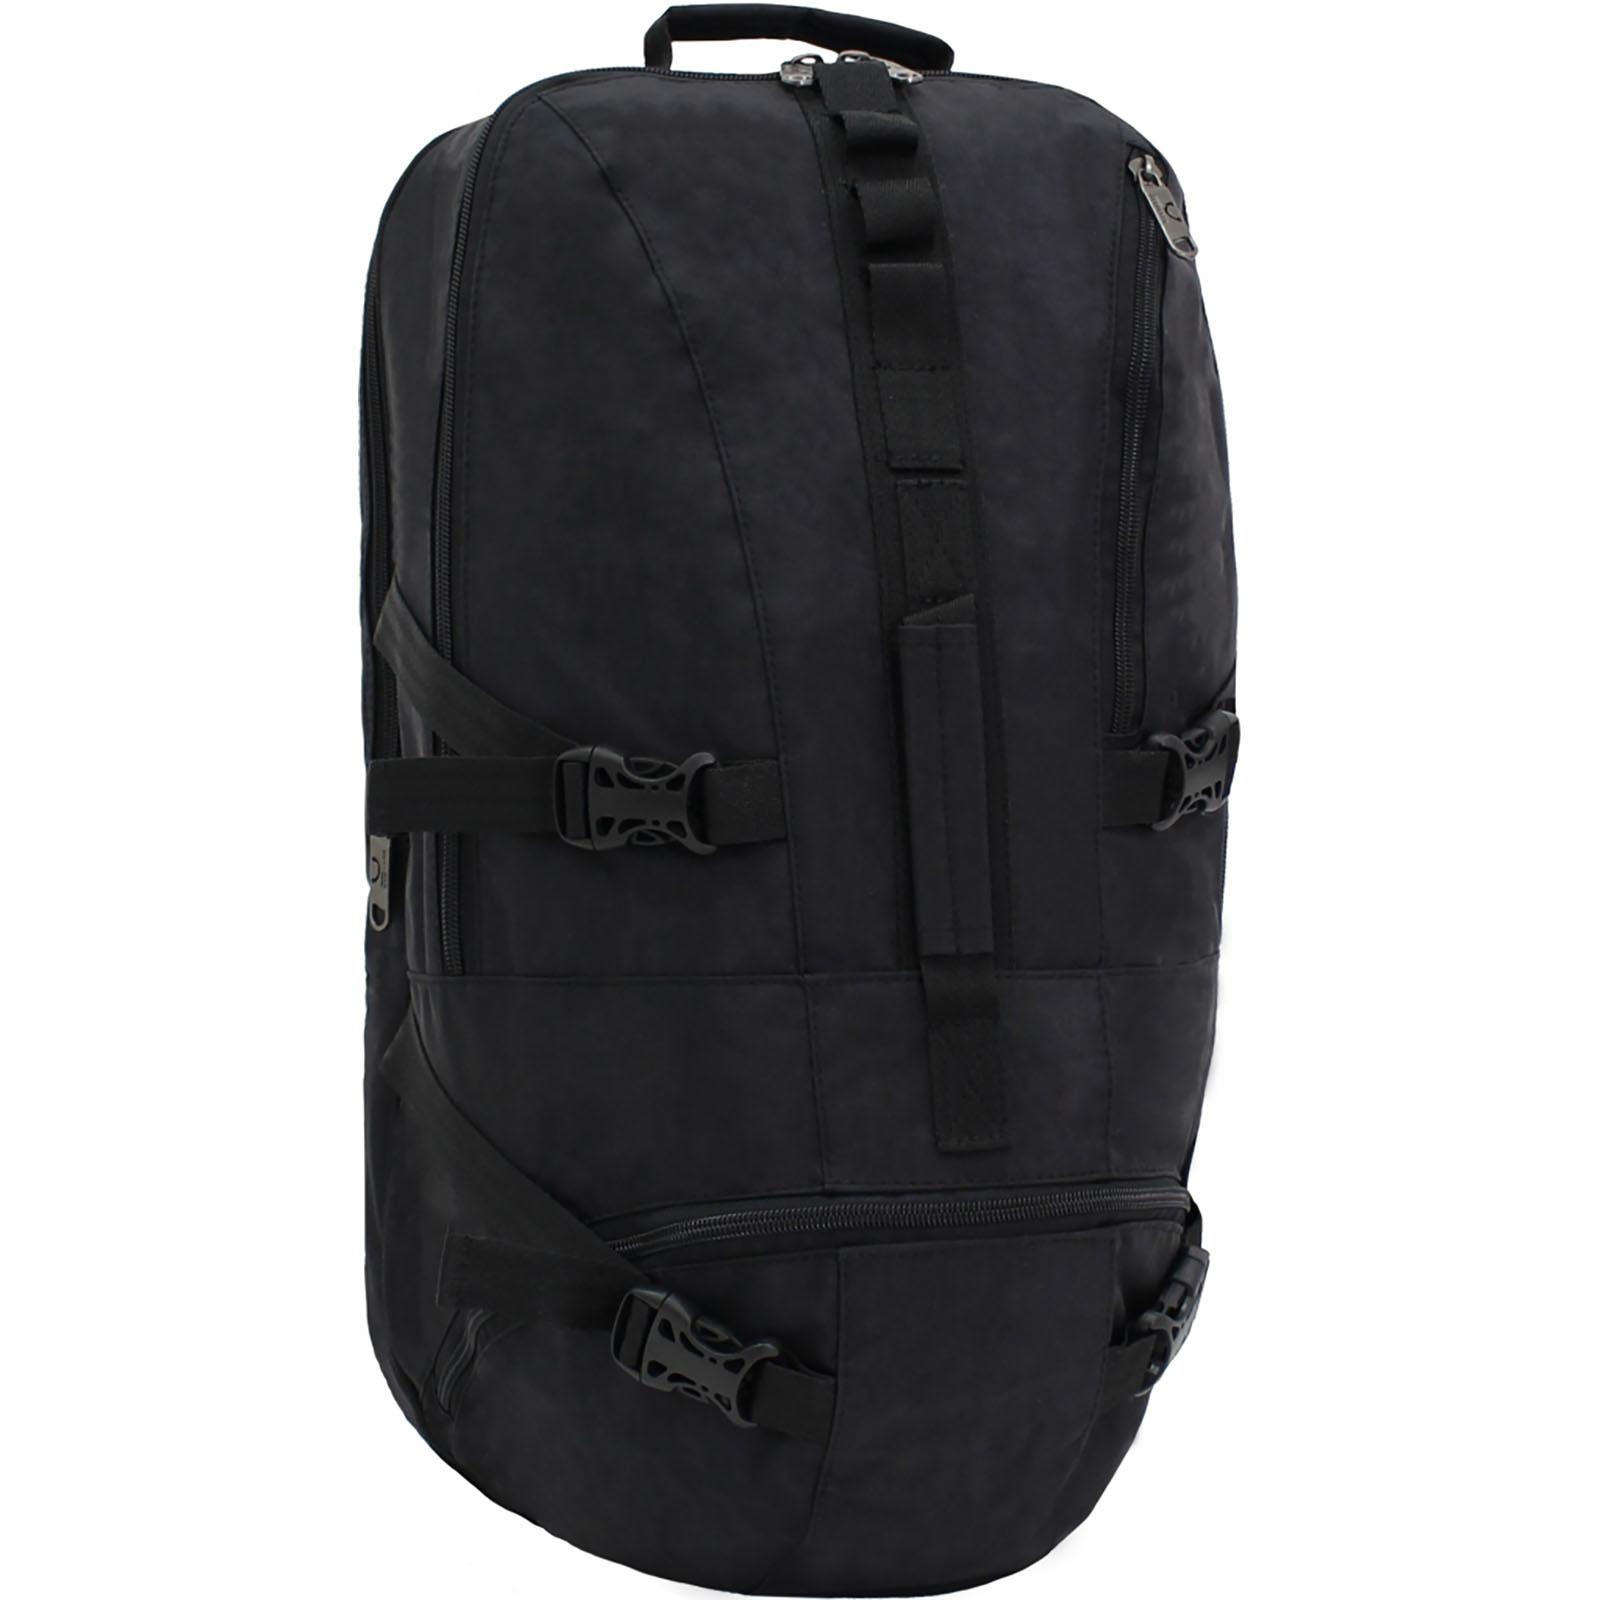 Городские рюкзаки Рюкзак Bagland Пылесос 31 л. Чёрный (0011470) ebfdc5adfd82dfd6bb43401dab4954f8.JPG